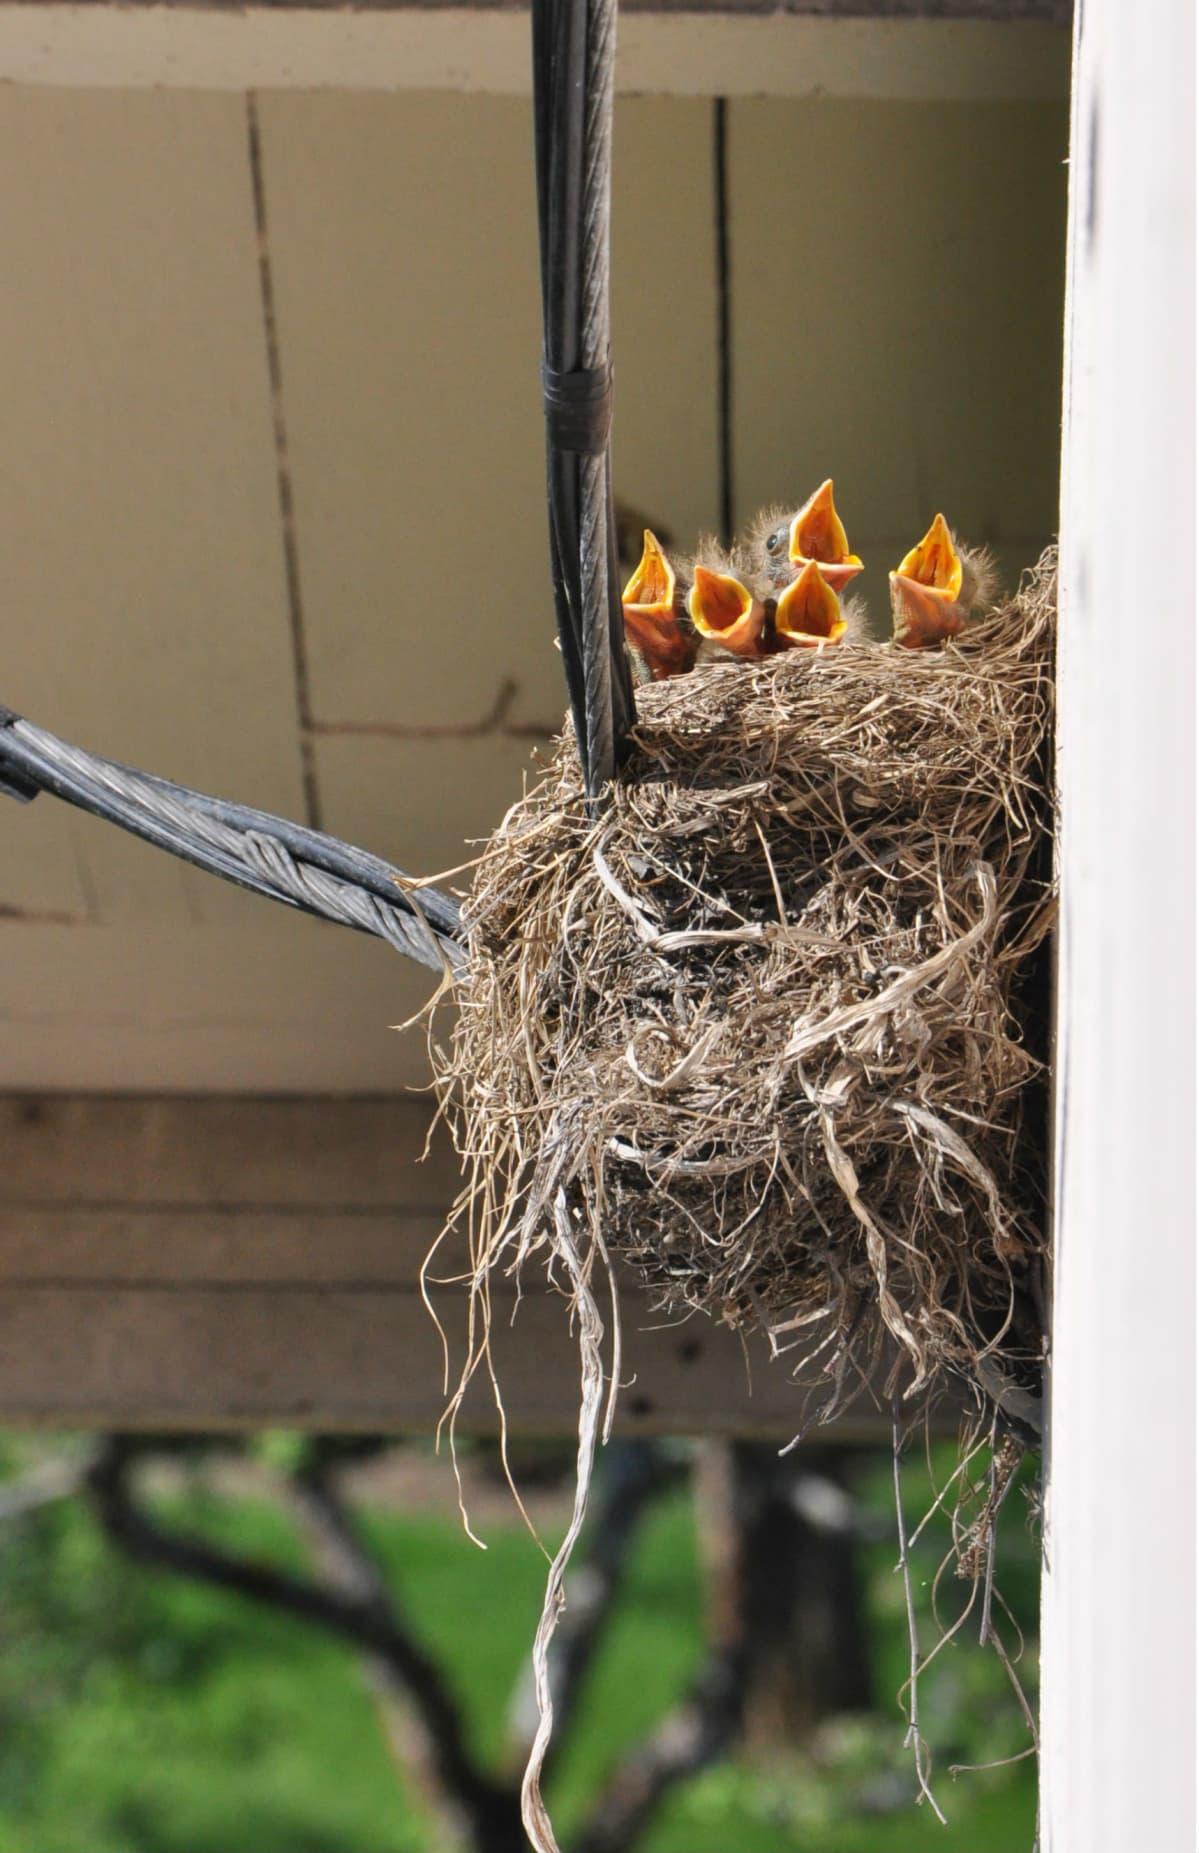 Fem fågelungar med stora gapande näbbar i ett fågelbo.